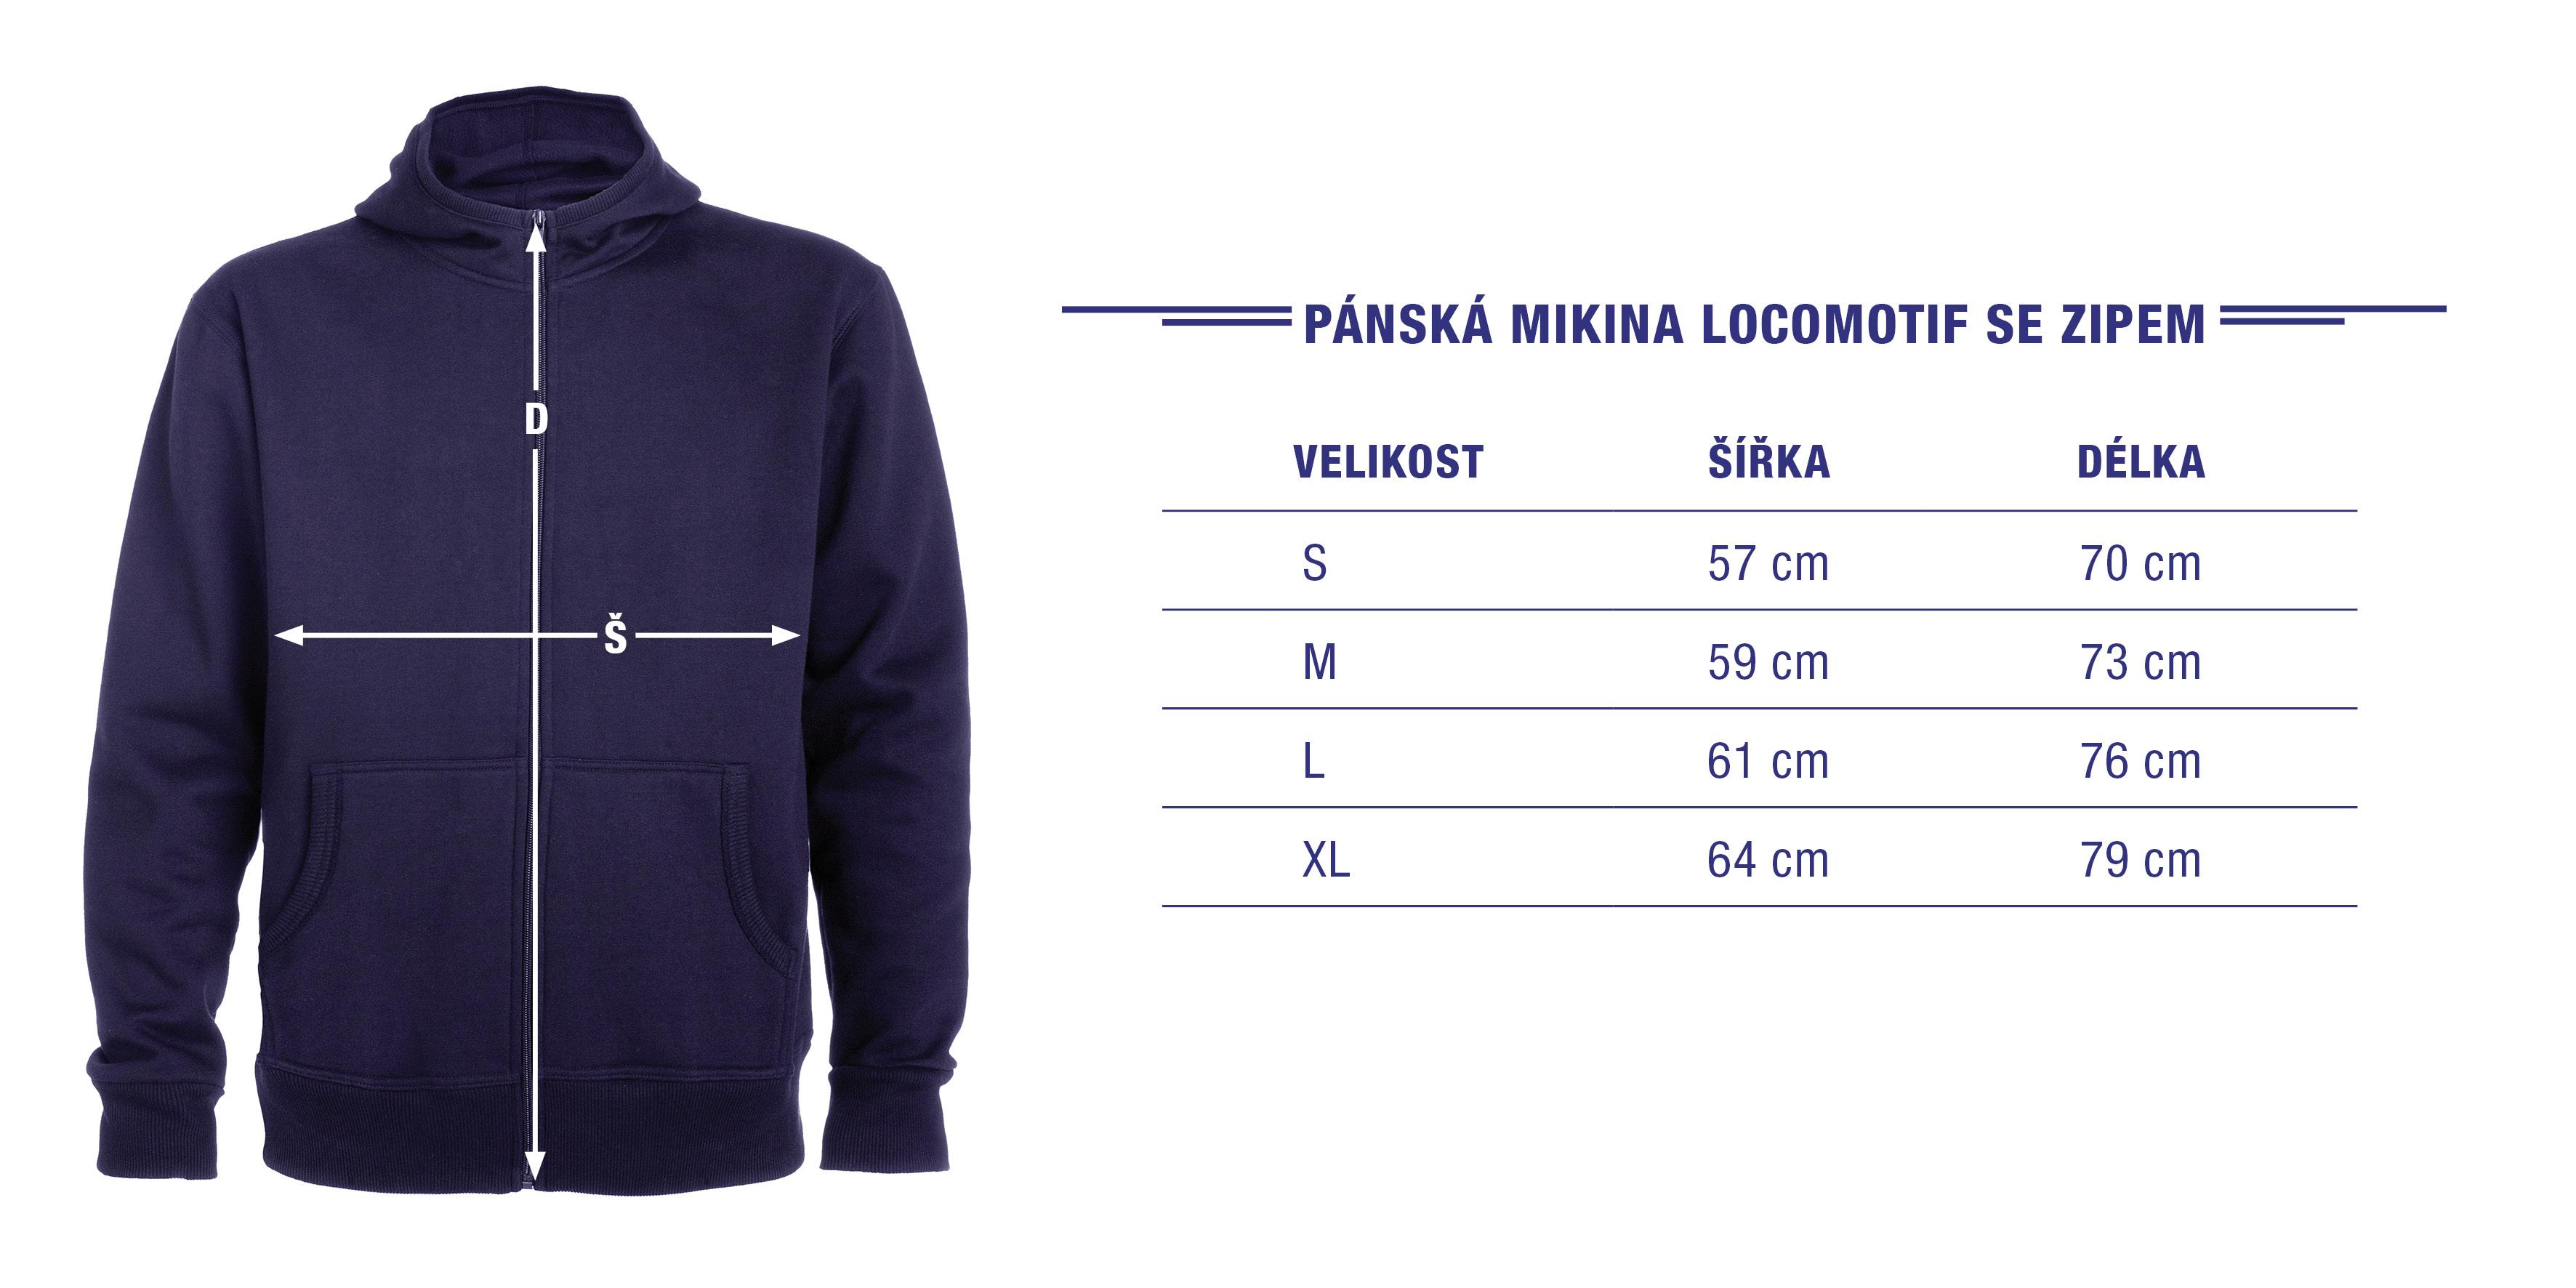 panska_mikina_zip_velikost